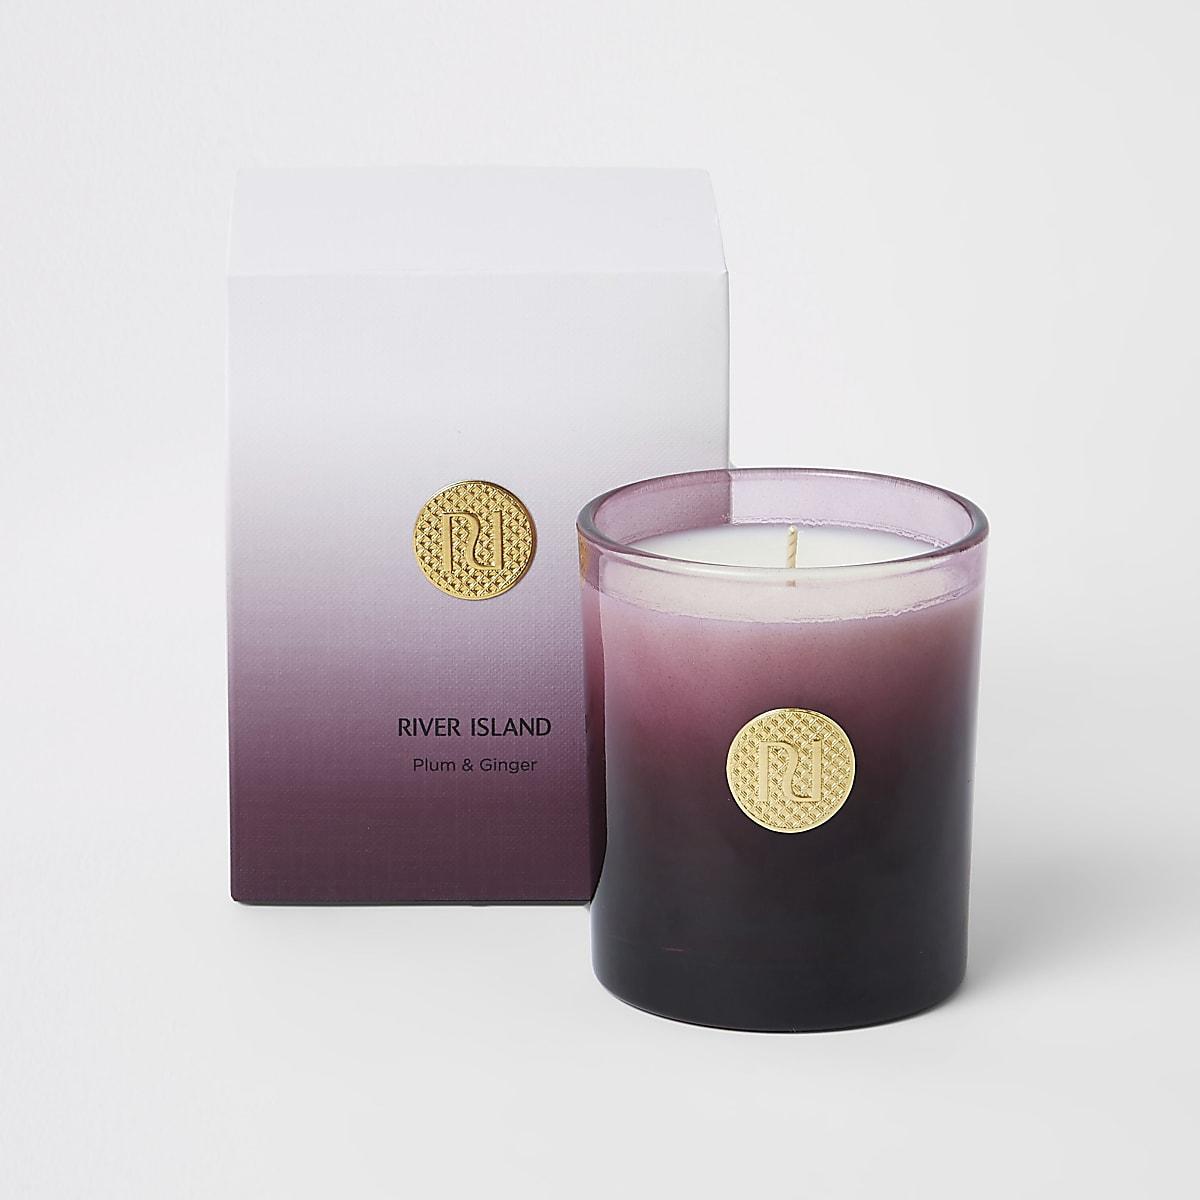 Bougie parfumée dégradée violette à la prune et au gingembre